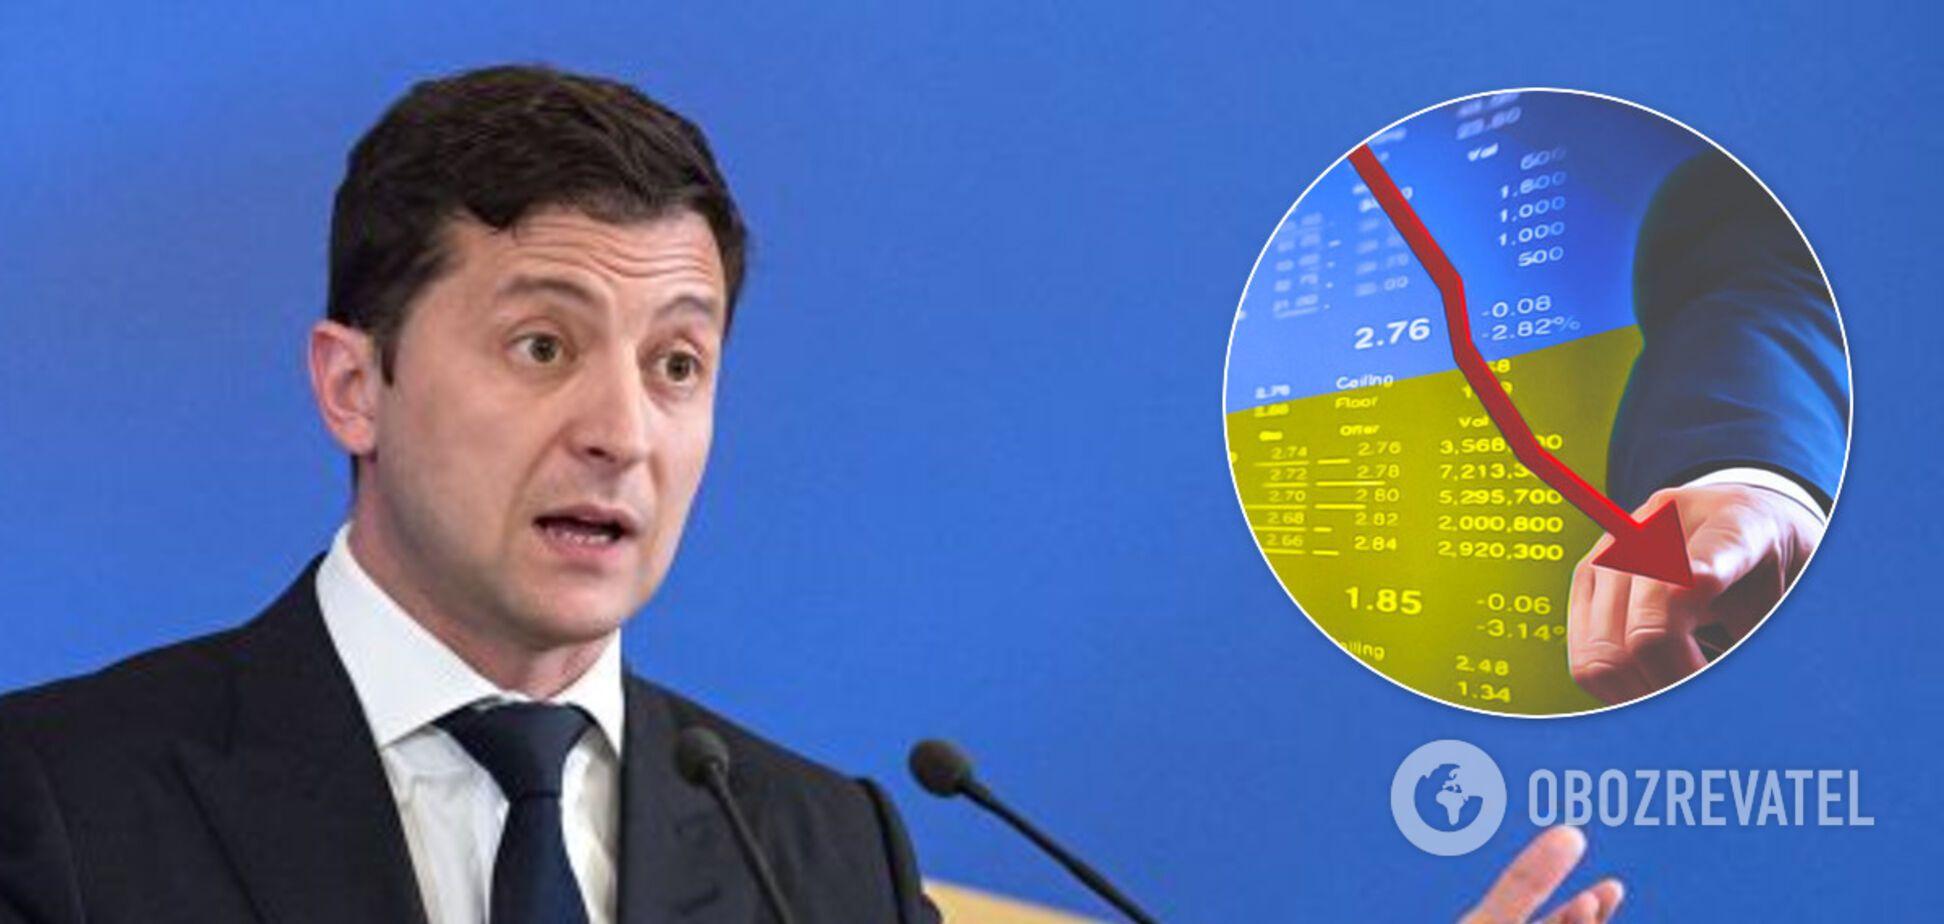 Зеленський втрачає монобільшість, сигналів нема: економіці України спрогнозували тривалу кризу